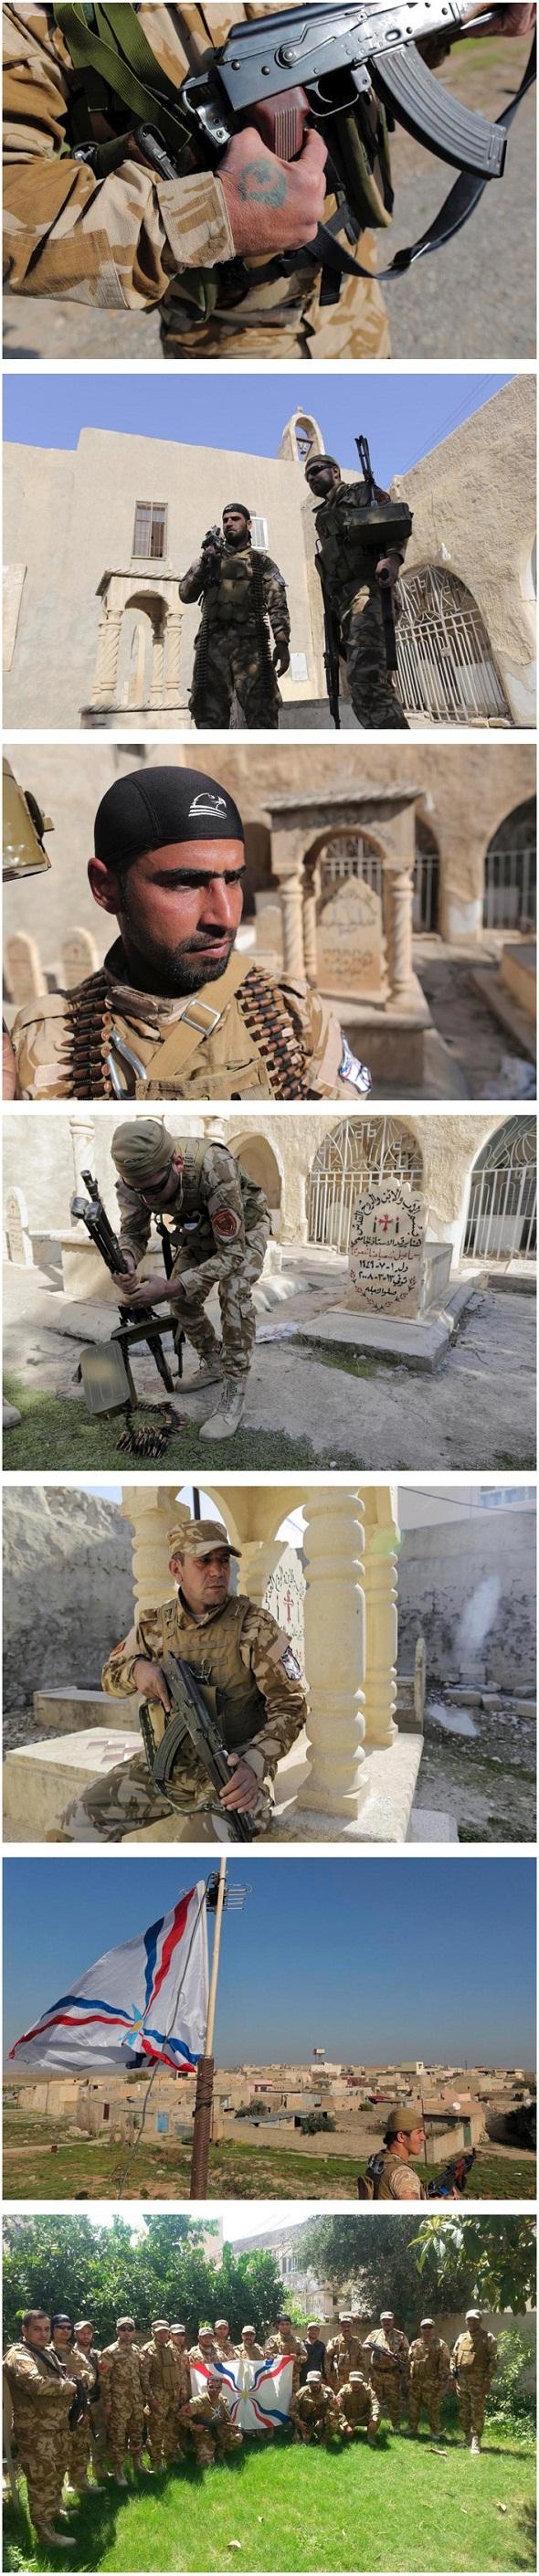 تصاویر : اتباع غربی در جبهه نبرد با داعش